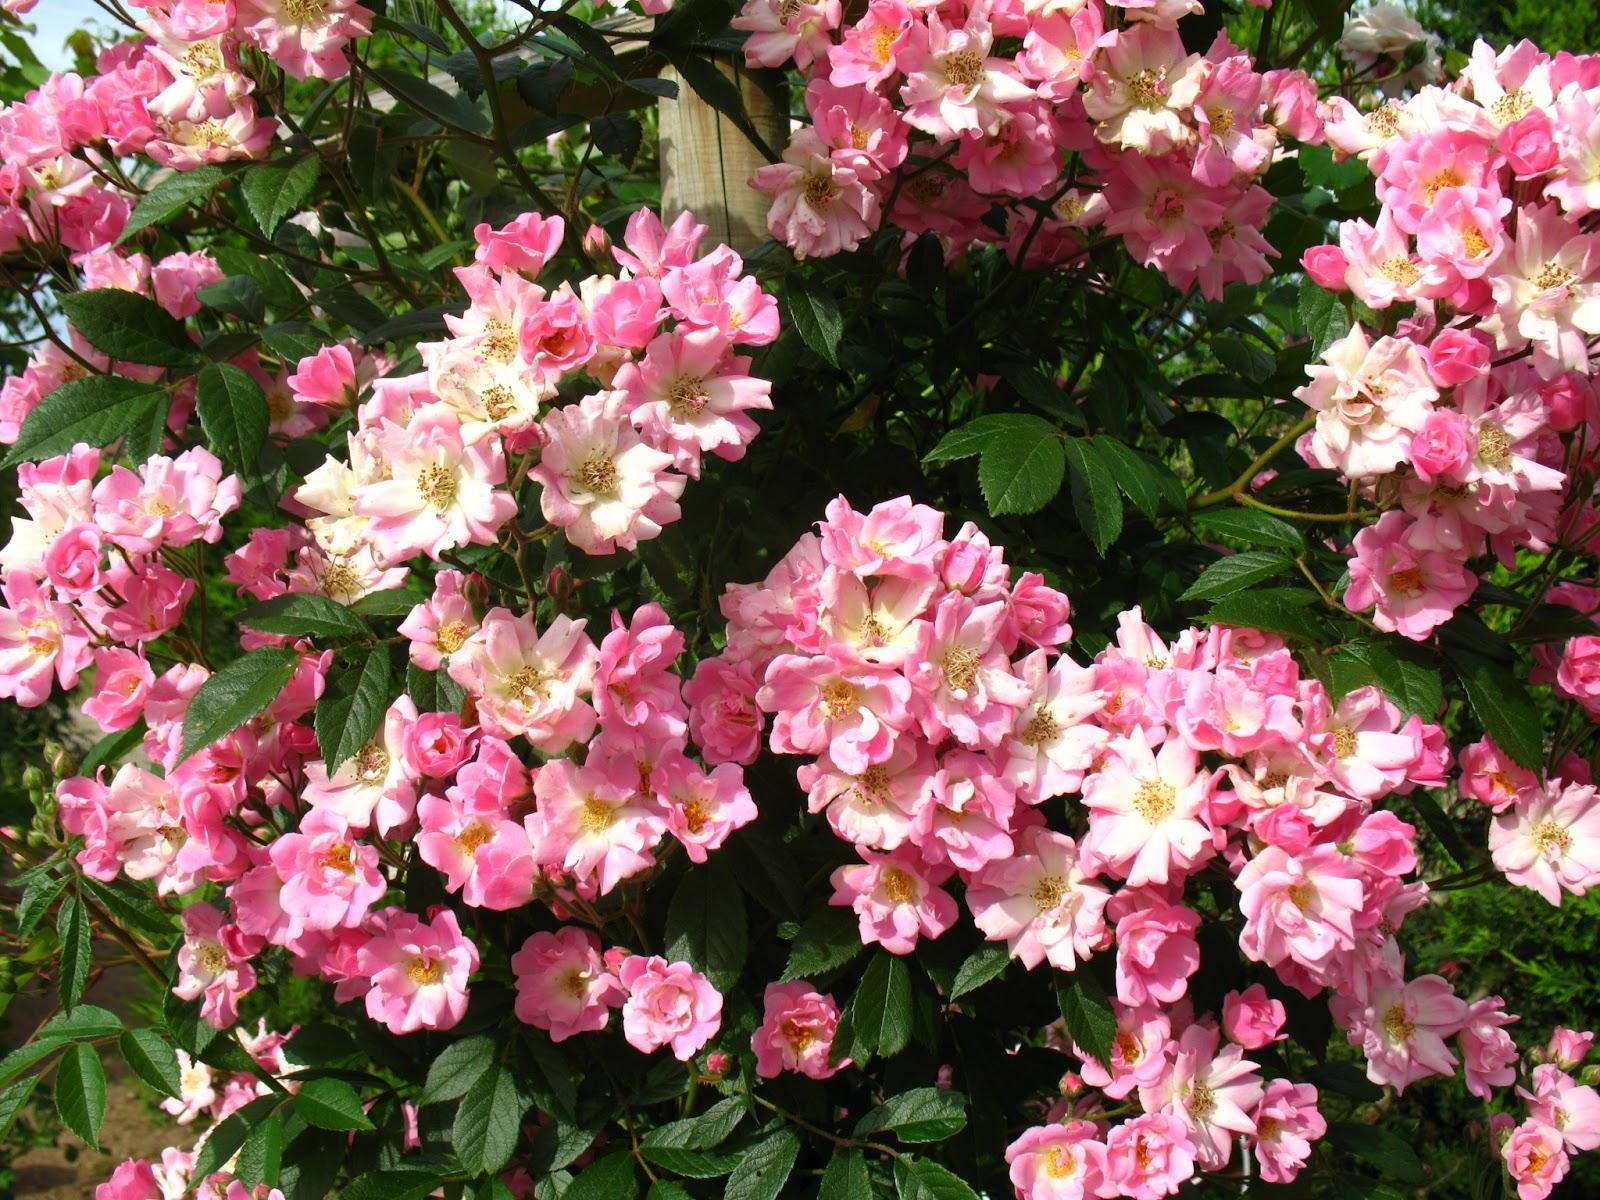 Roses du jardin ch neland rosier marietta silva tarouca - Quand couper les rosiers ...